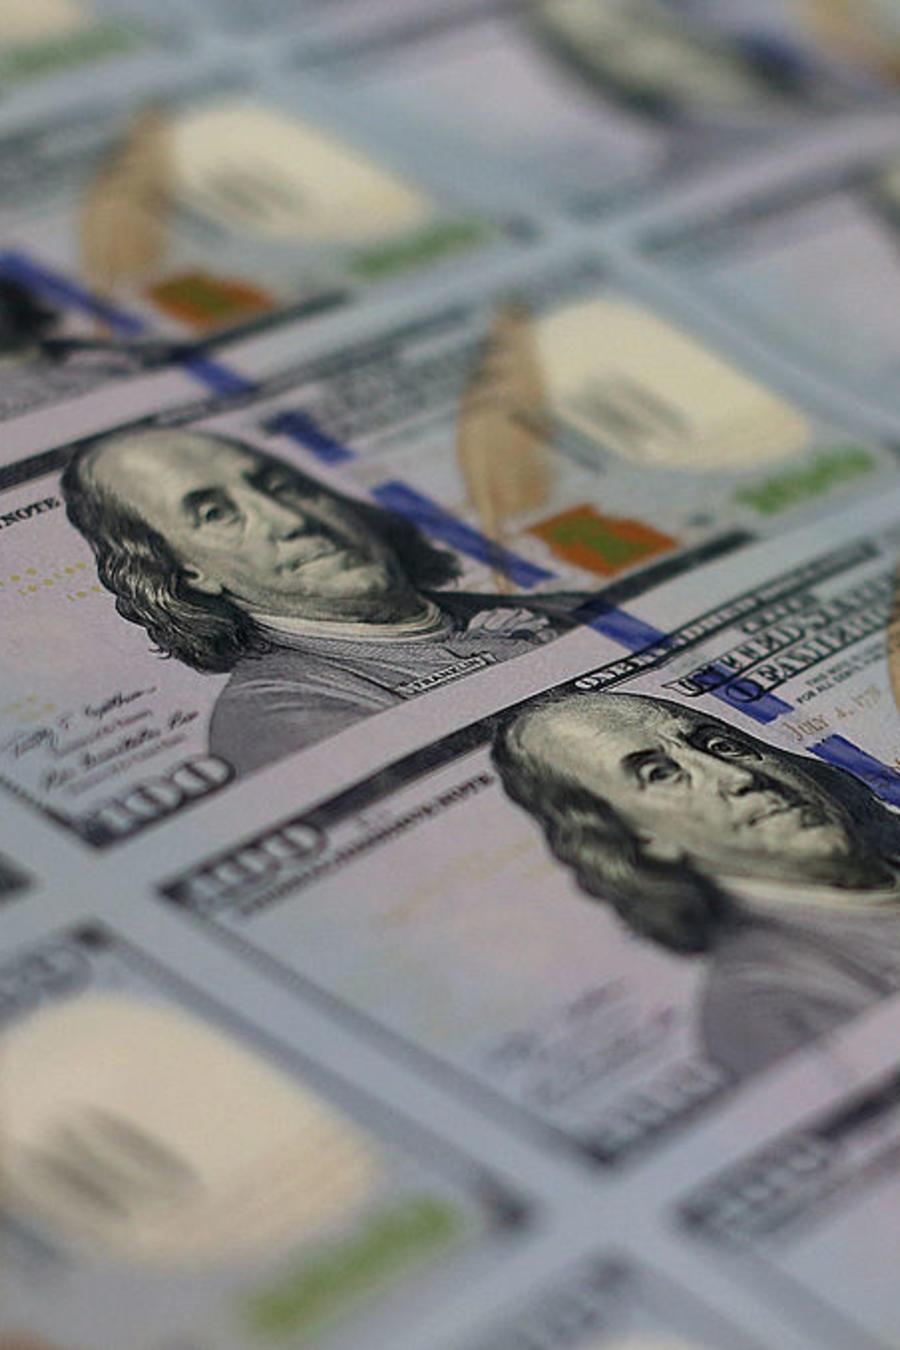 El IRS depositará los cheques de alivio económico dentro de tres semanas, según las autoridades.